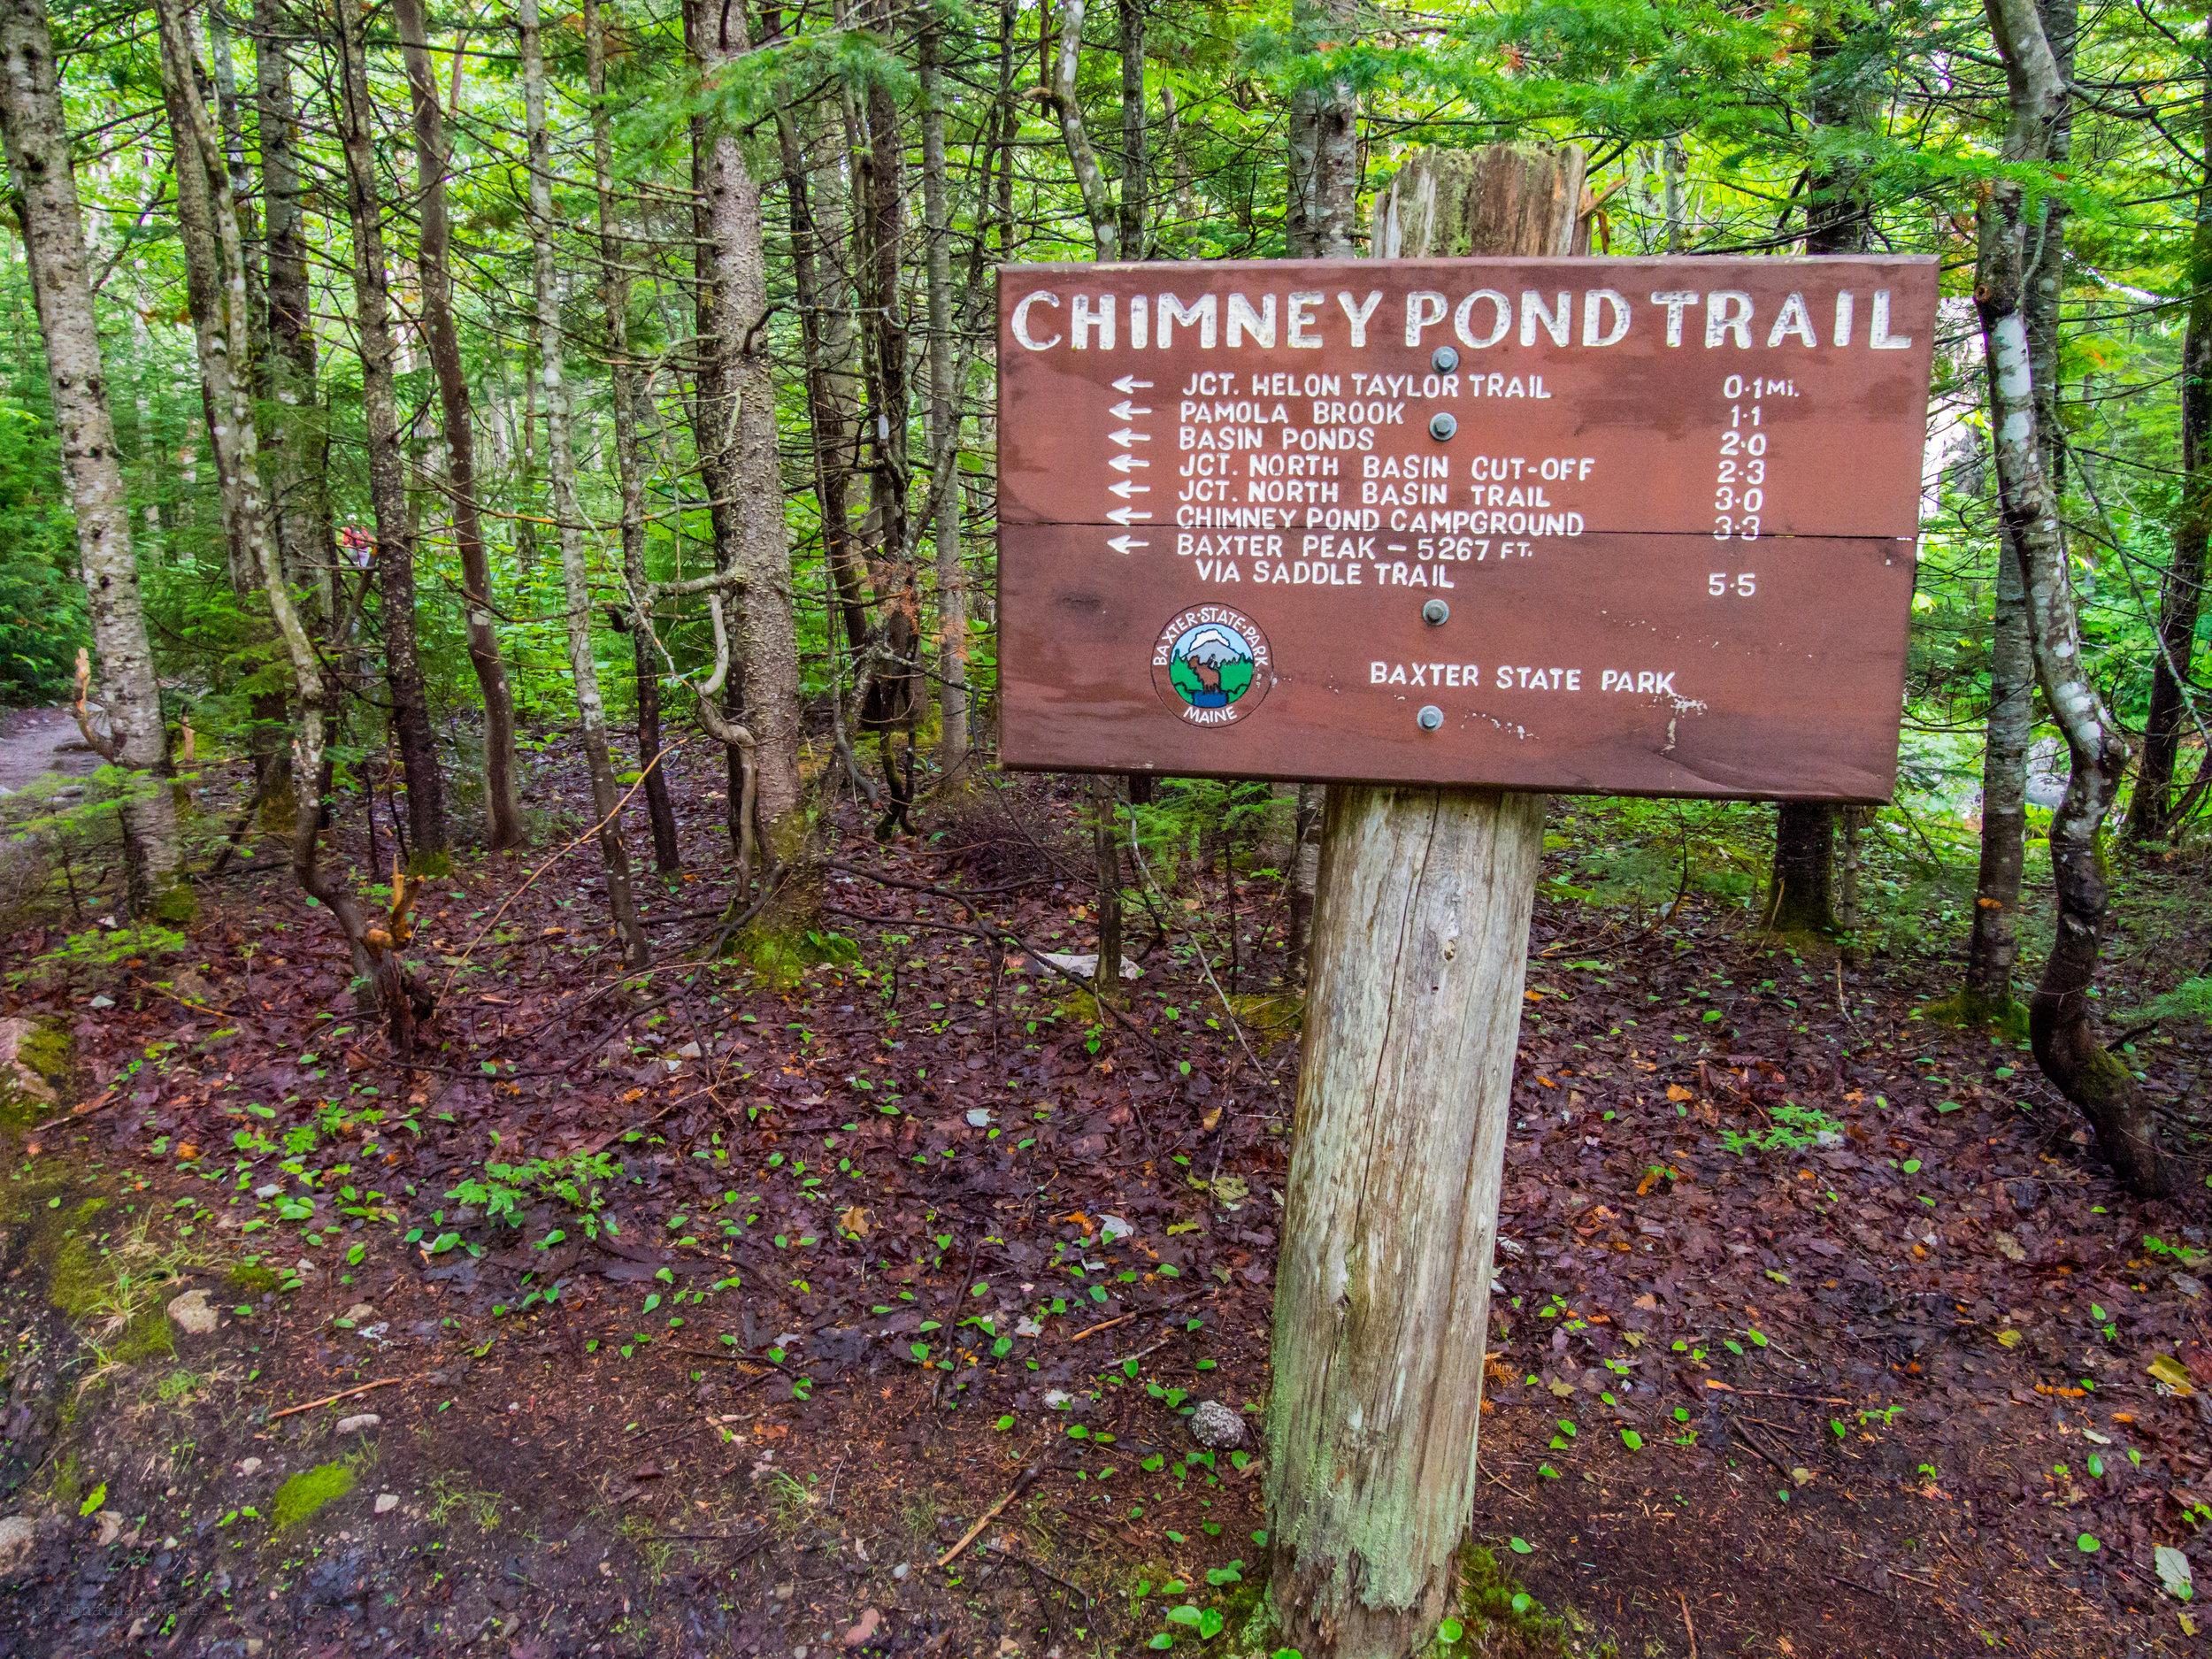 Chimney Pond trailhead